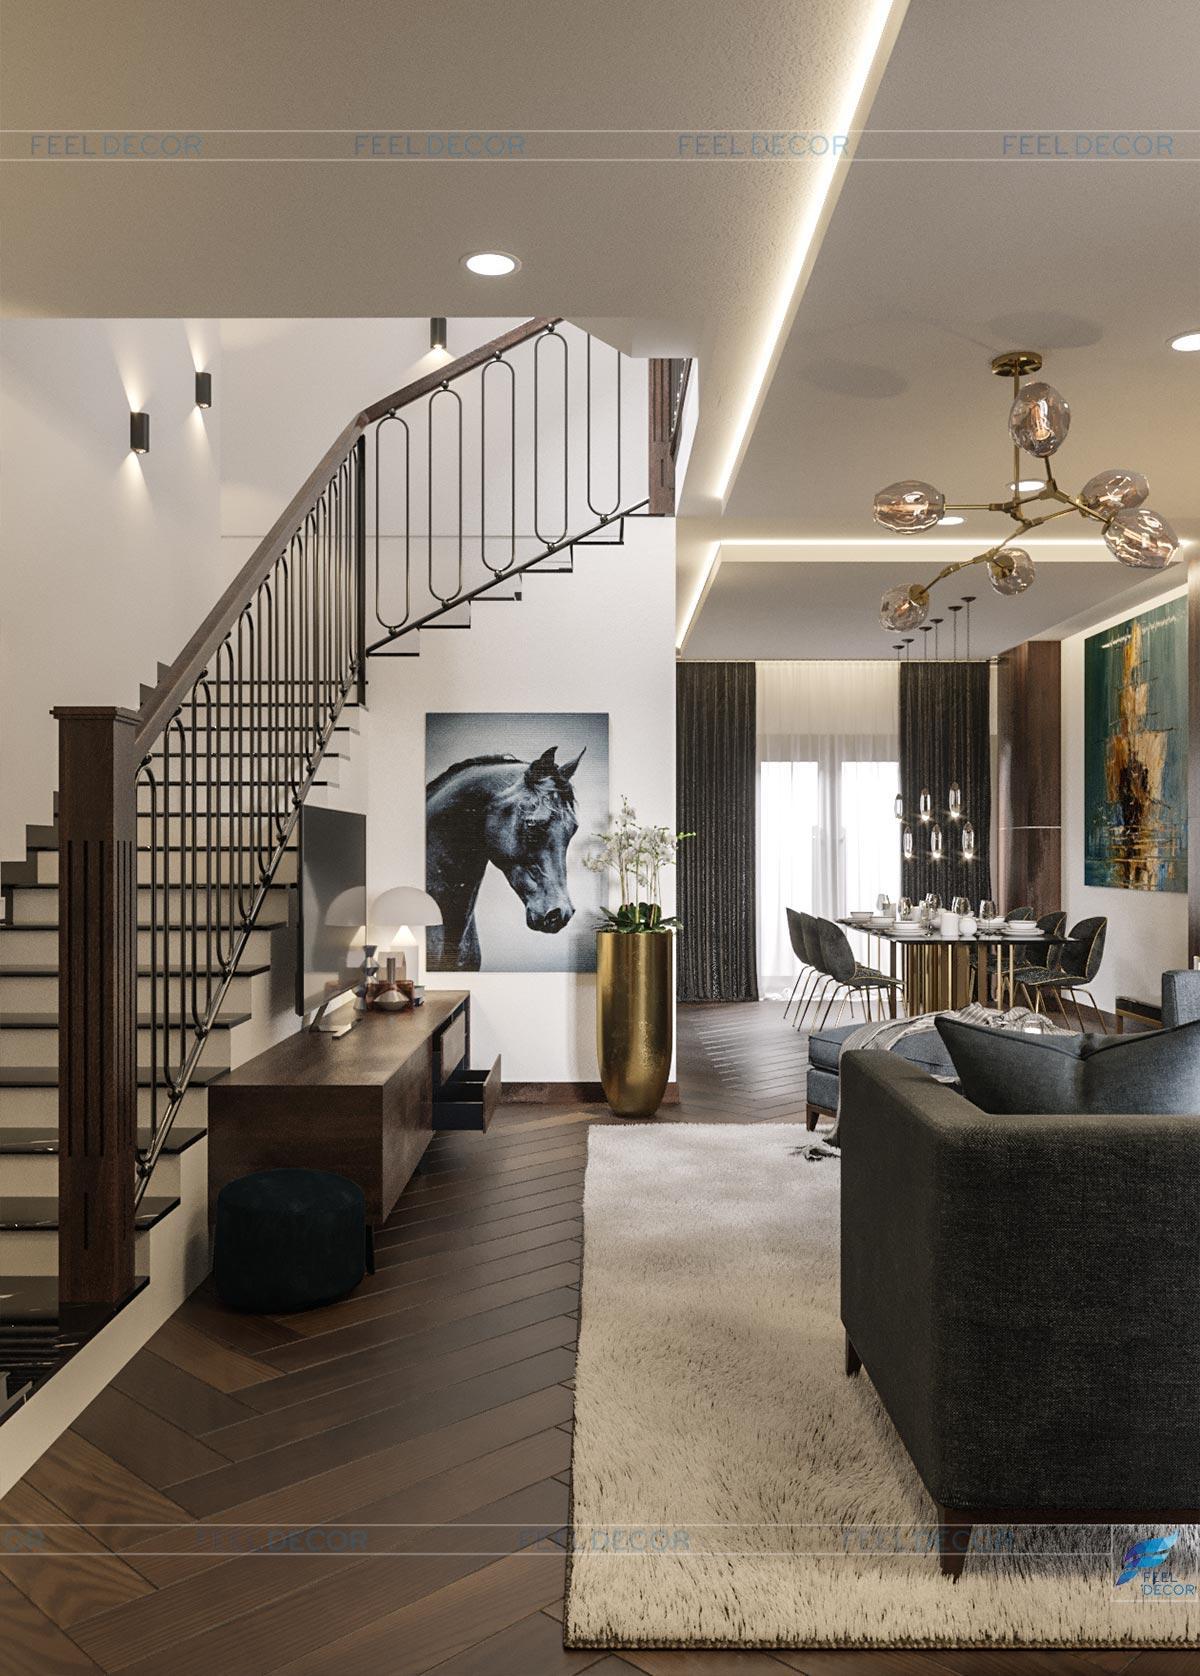 Thiết kế thi công nội thất tầng trệt căn hộ mẫu biệt thự Lavila